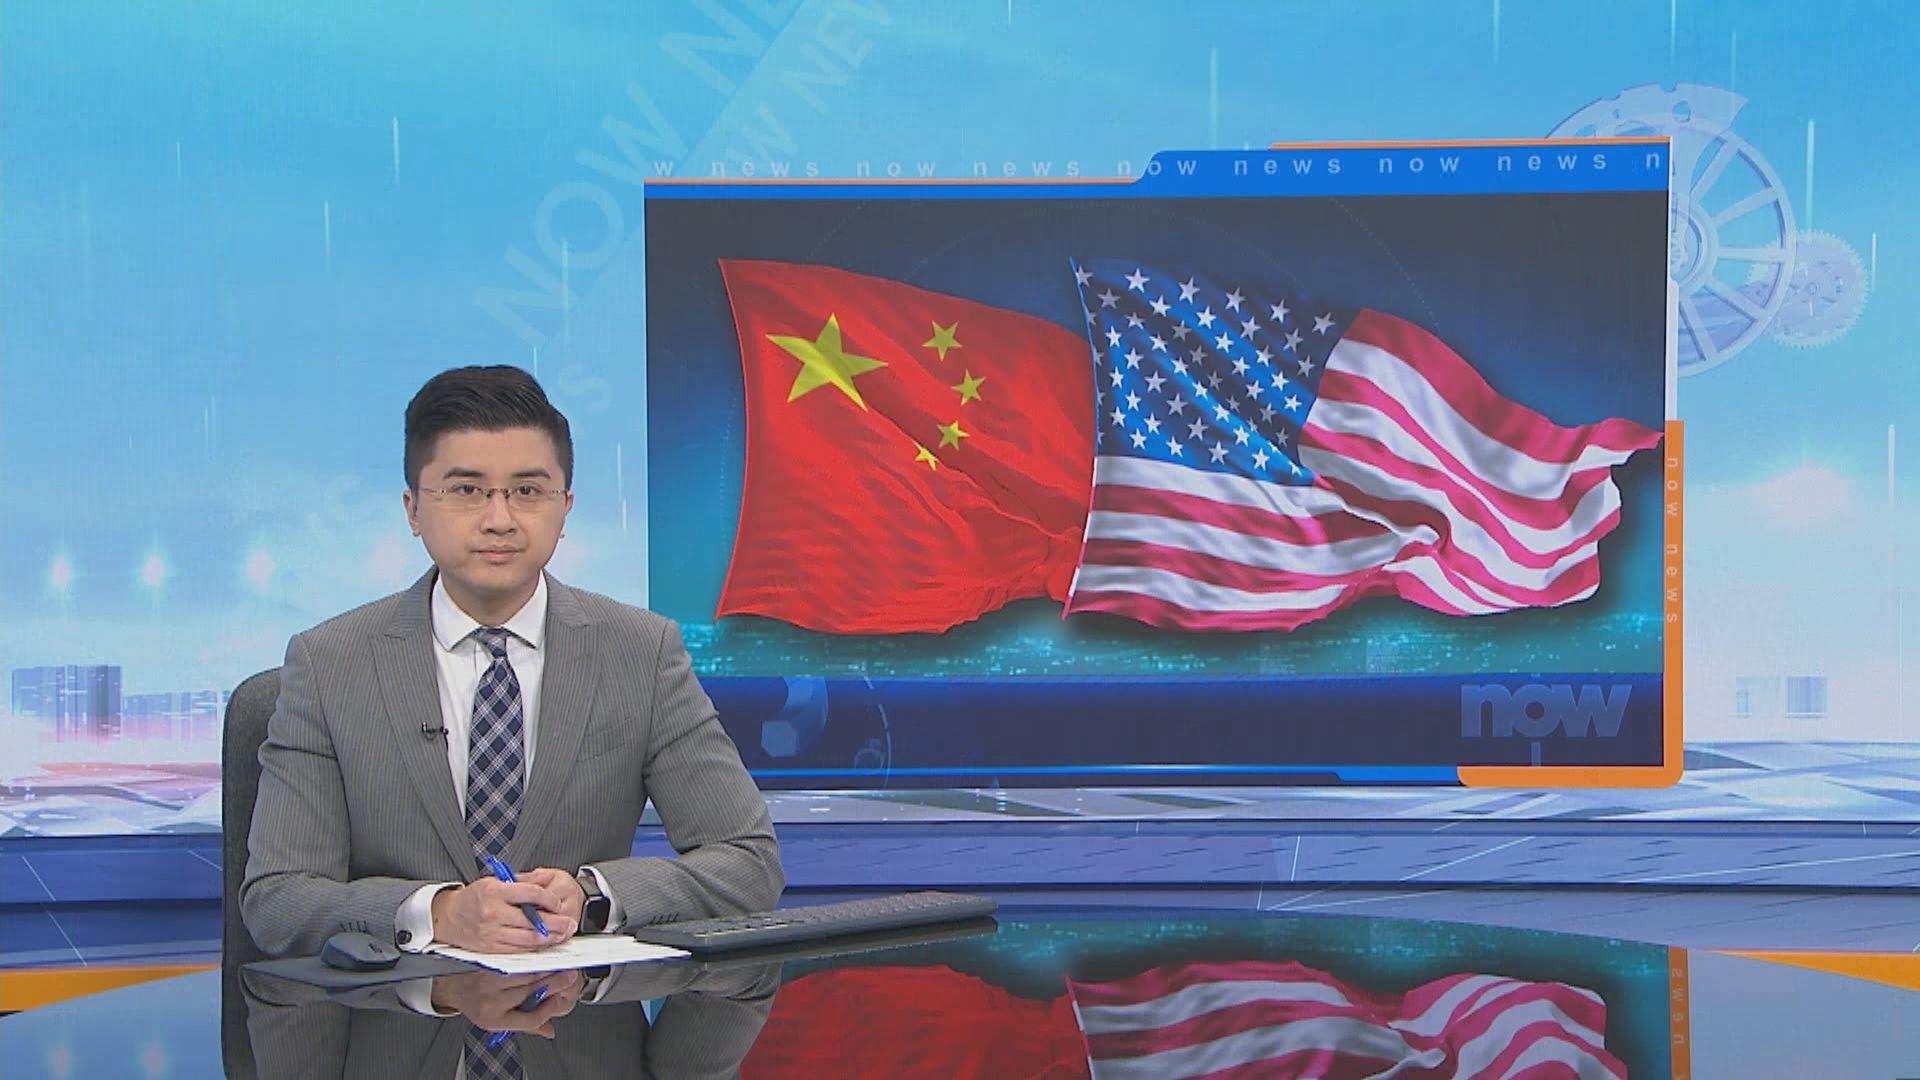 美國批中國以脅迫手段推動中共威權政策